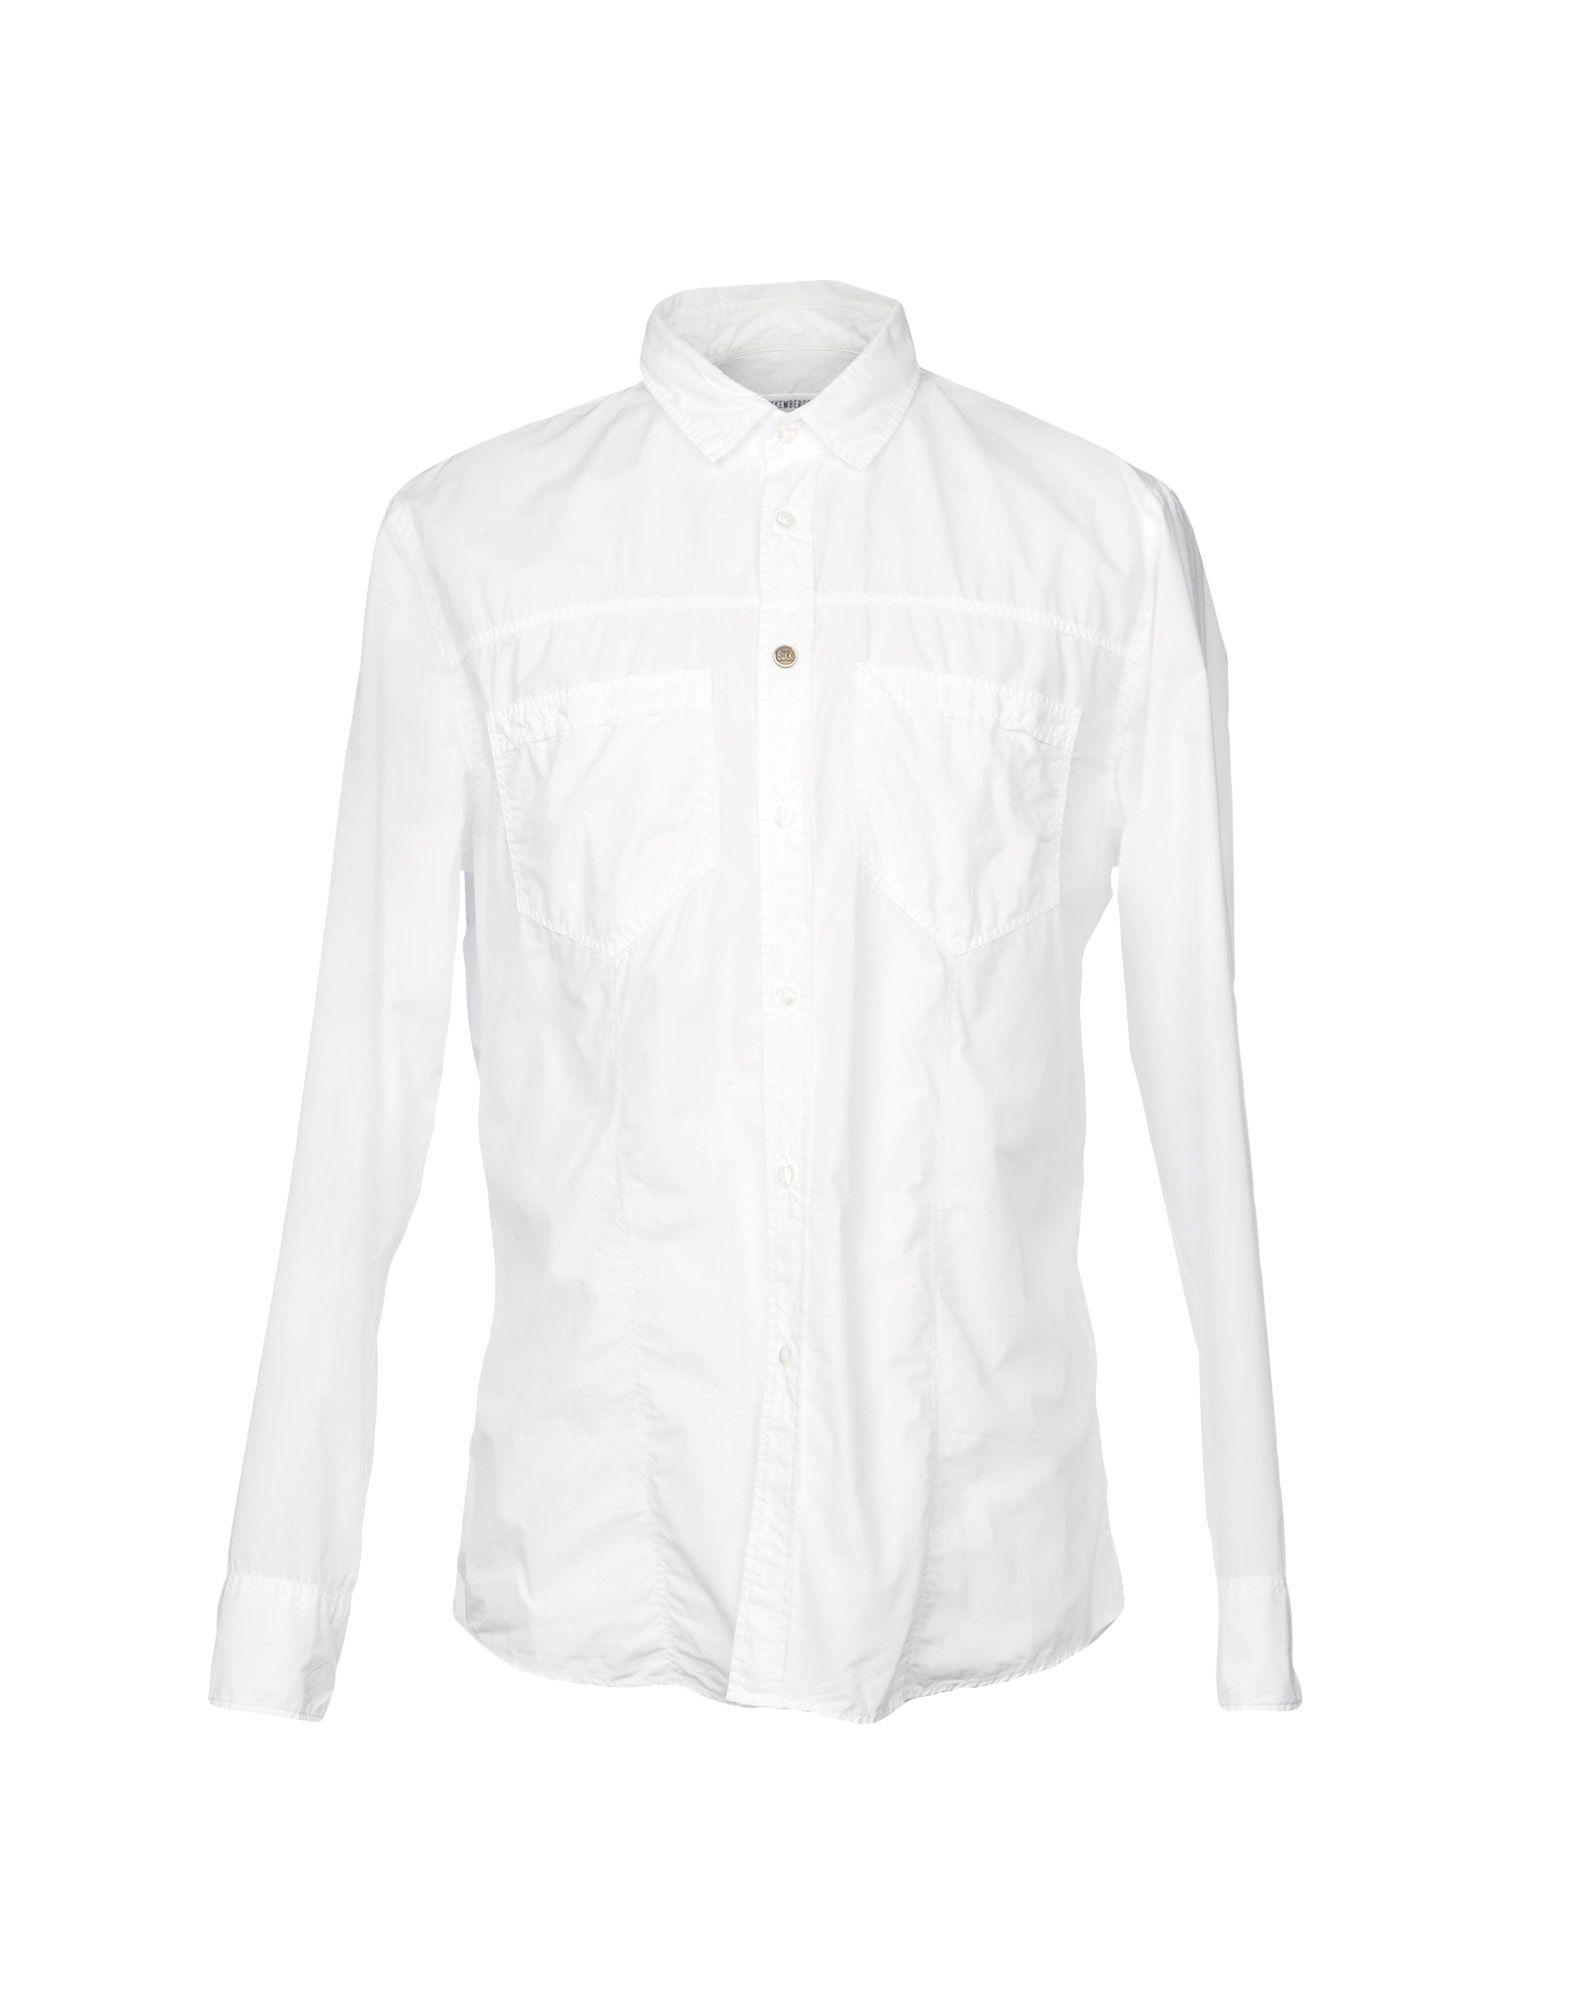 где купить BIKKEMBERGS Pубашка по лучшей цене